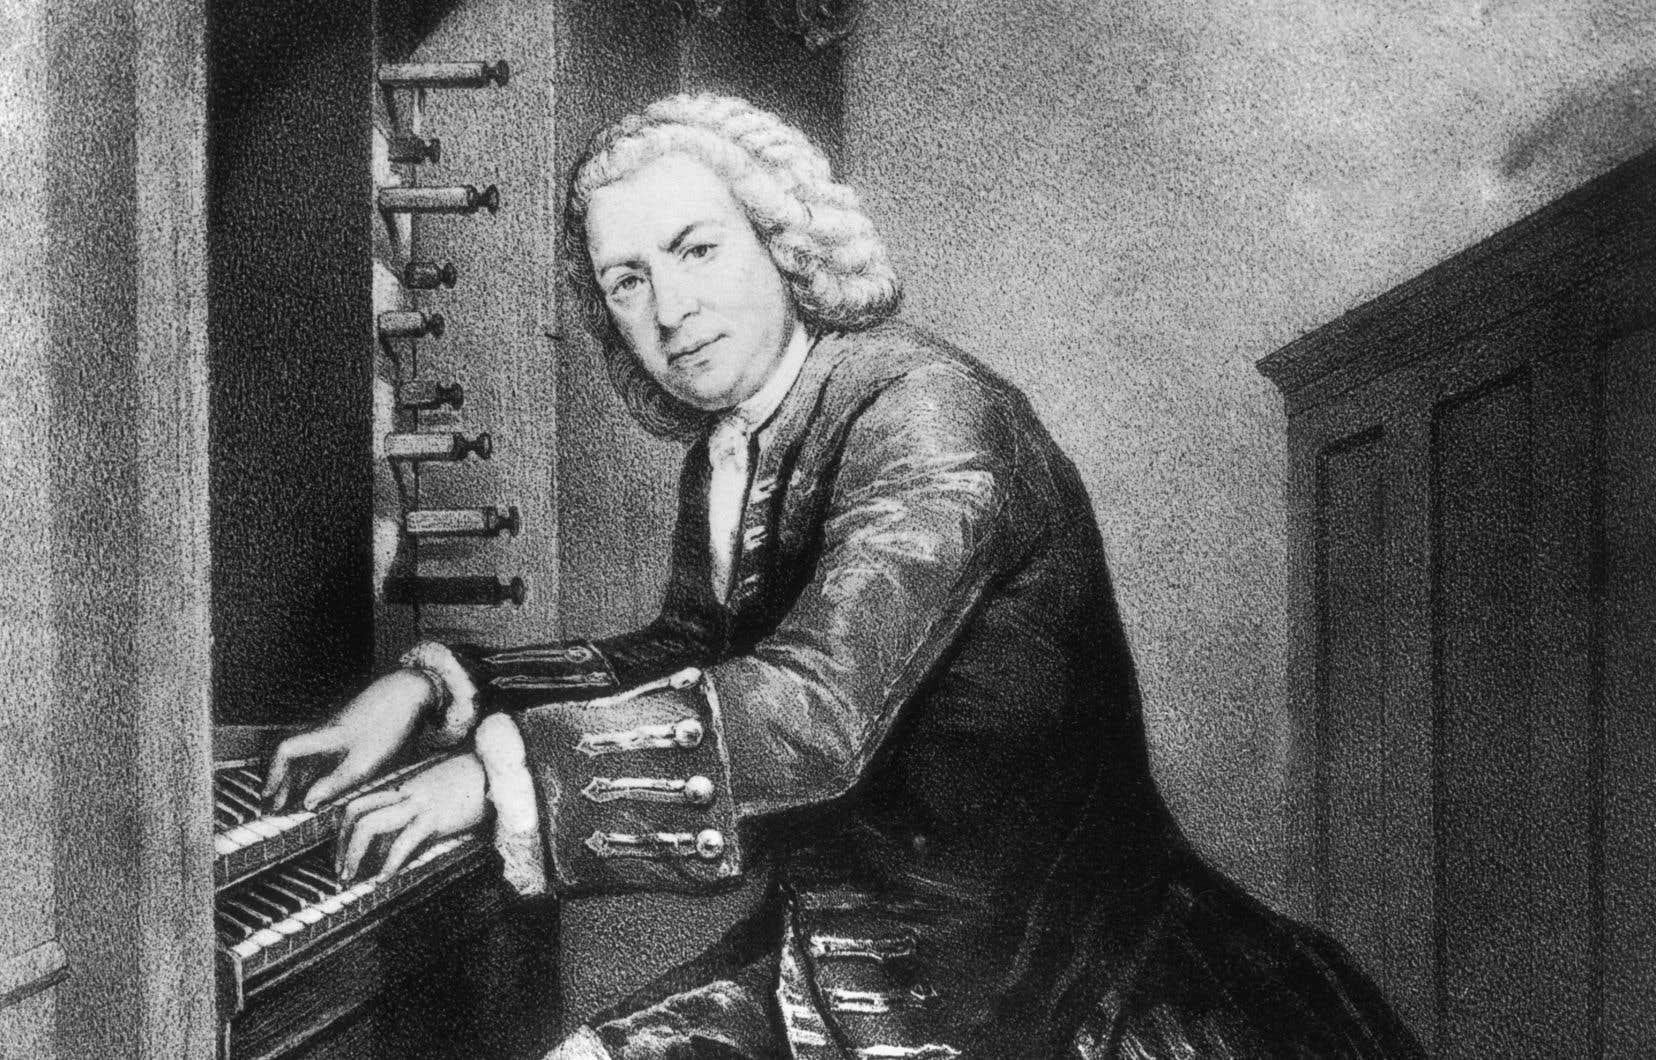 «J. S. Bach fut un compositeur qui a su élever l'âme à hauteur de sa propre dimension religieuse.»